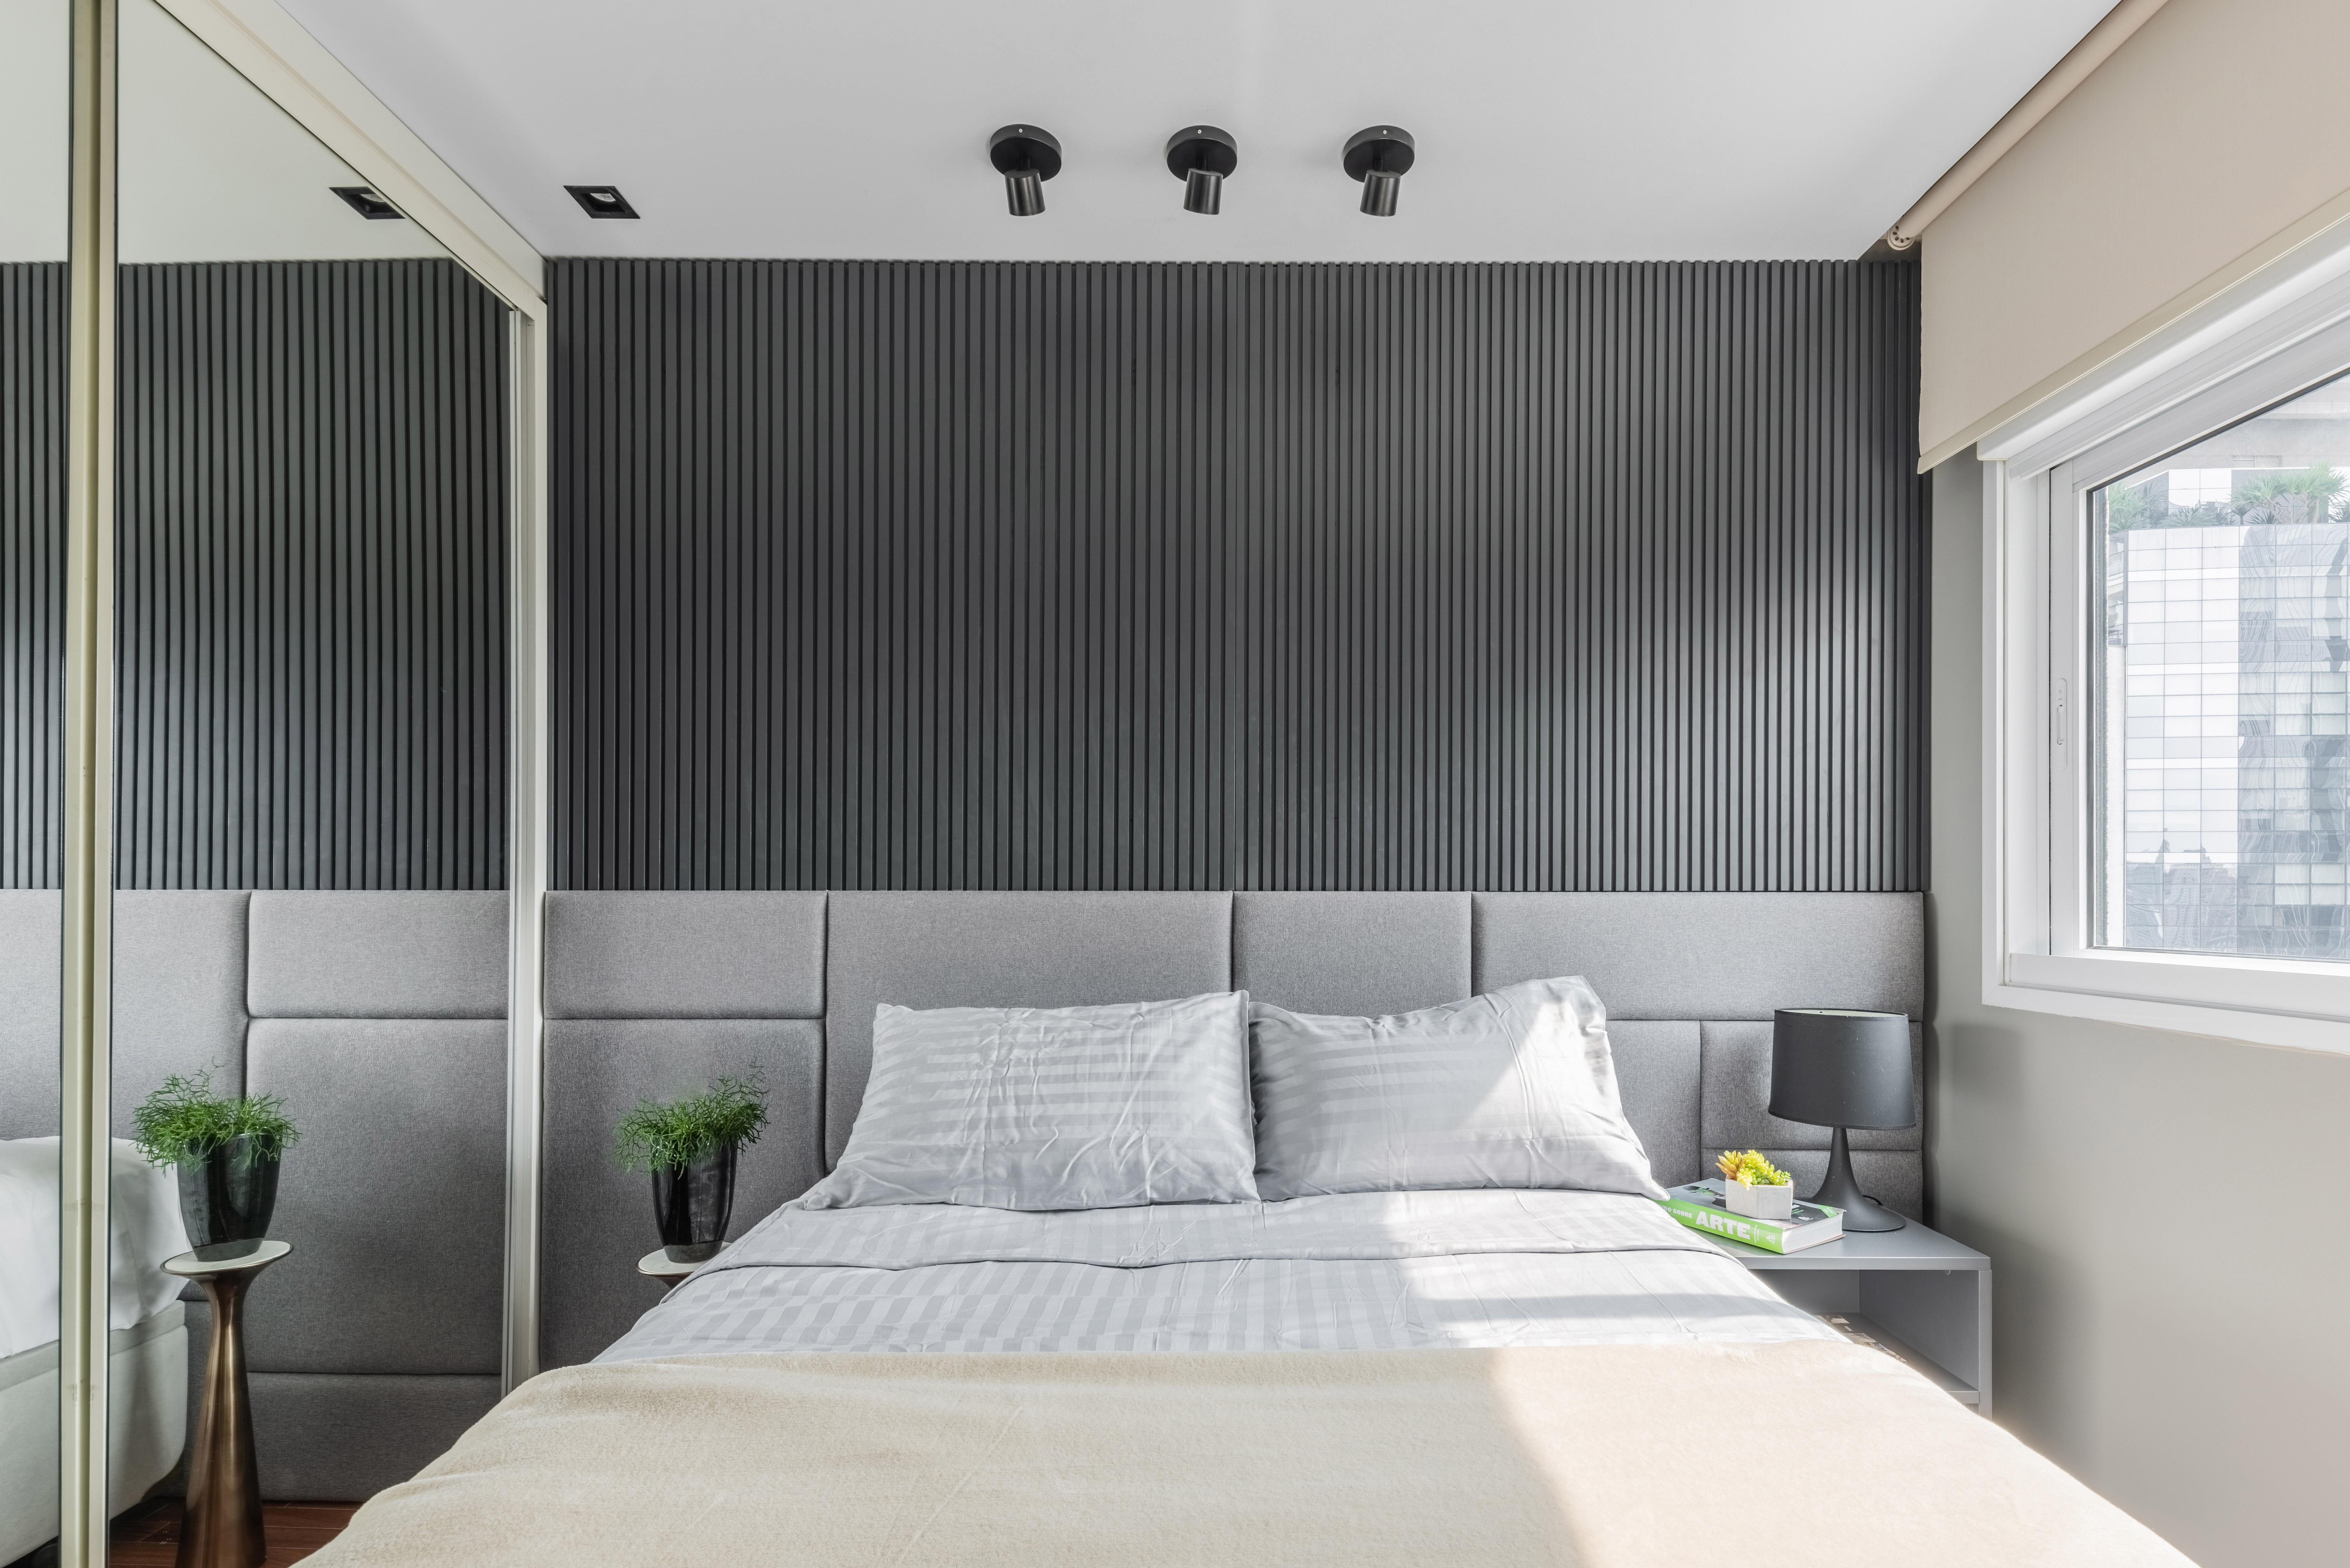 Quarto do apartamento em tons neutros, com o cinza como protagonista.